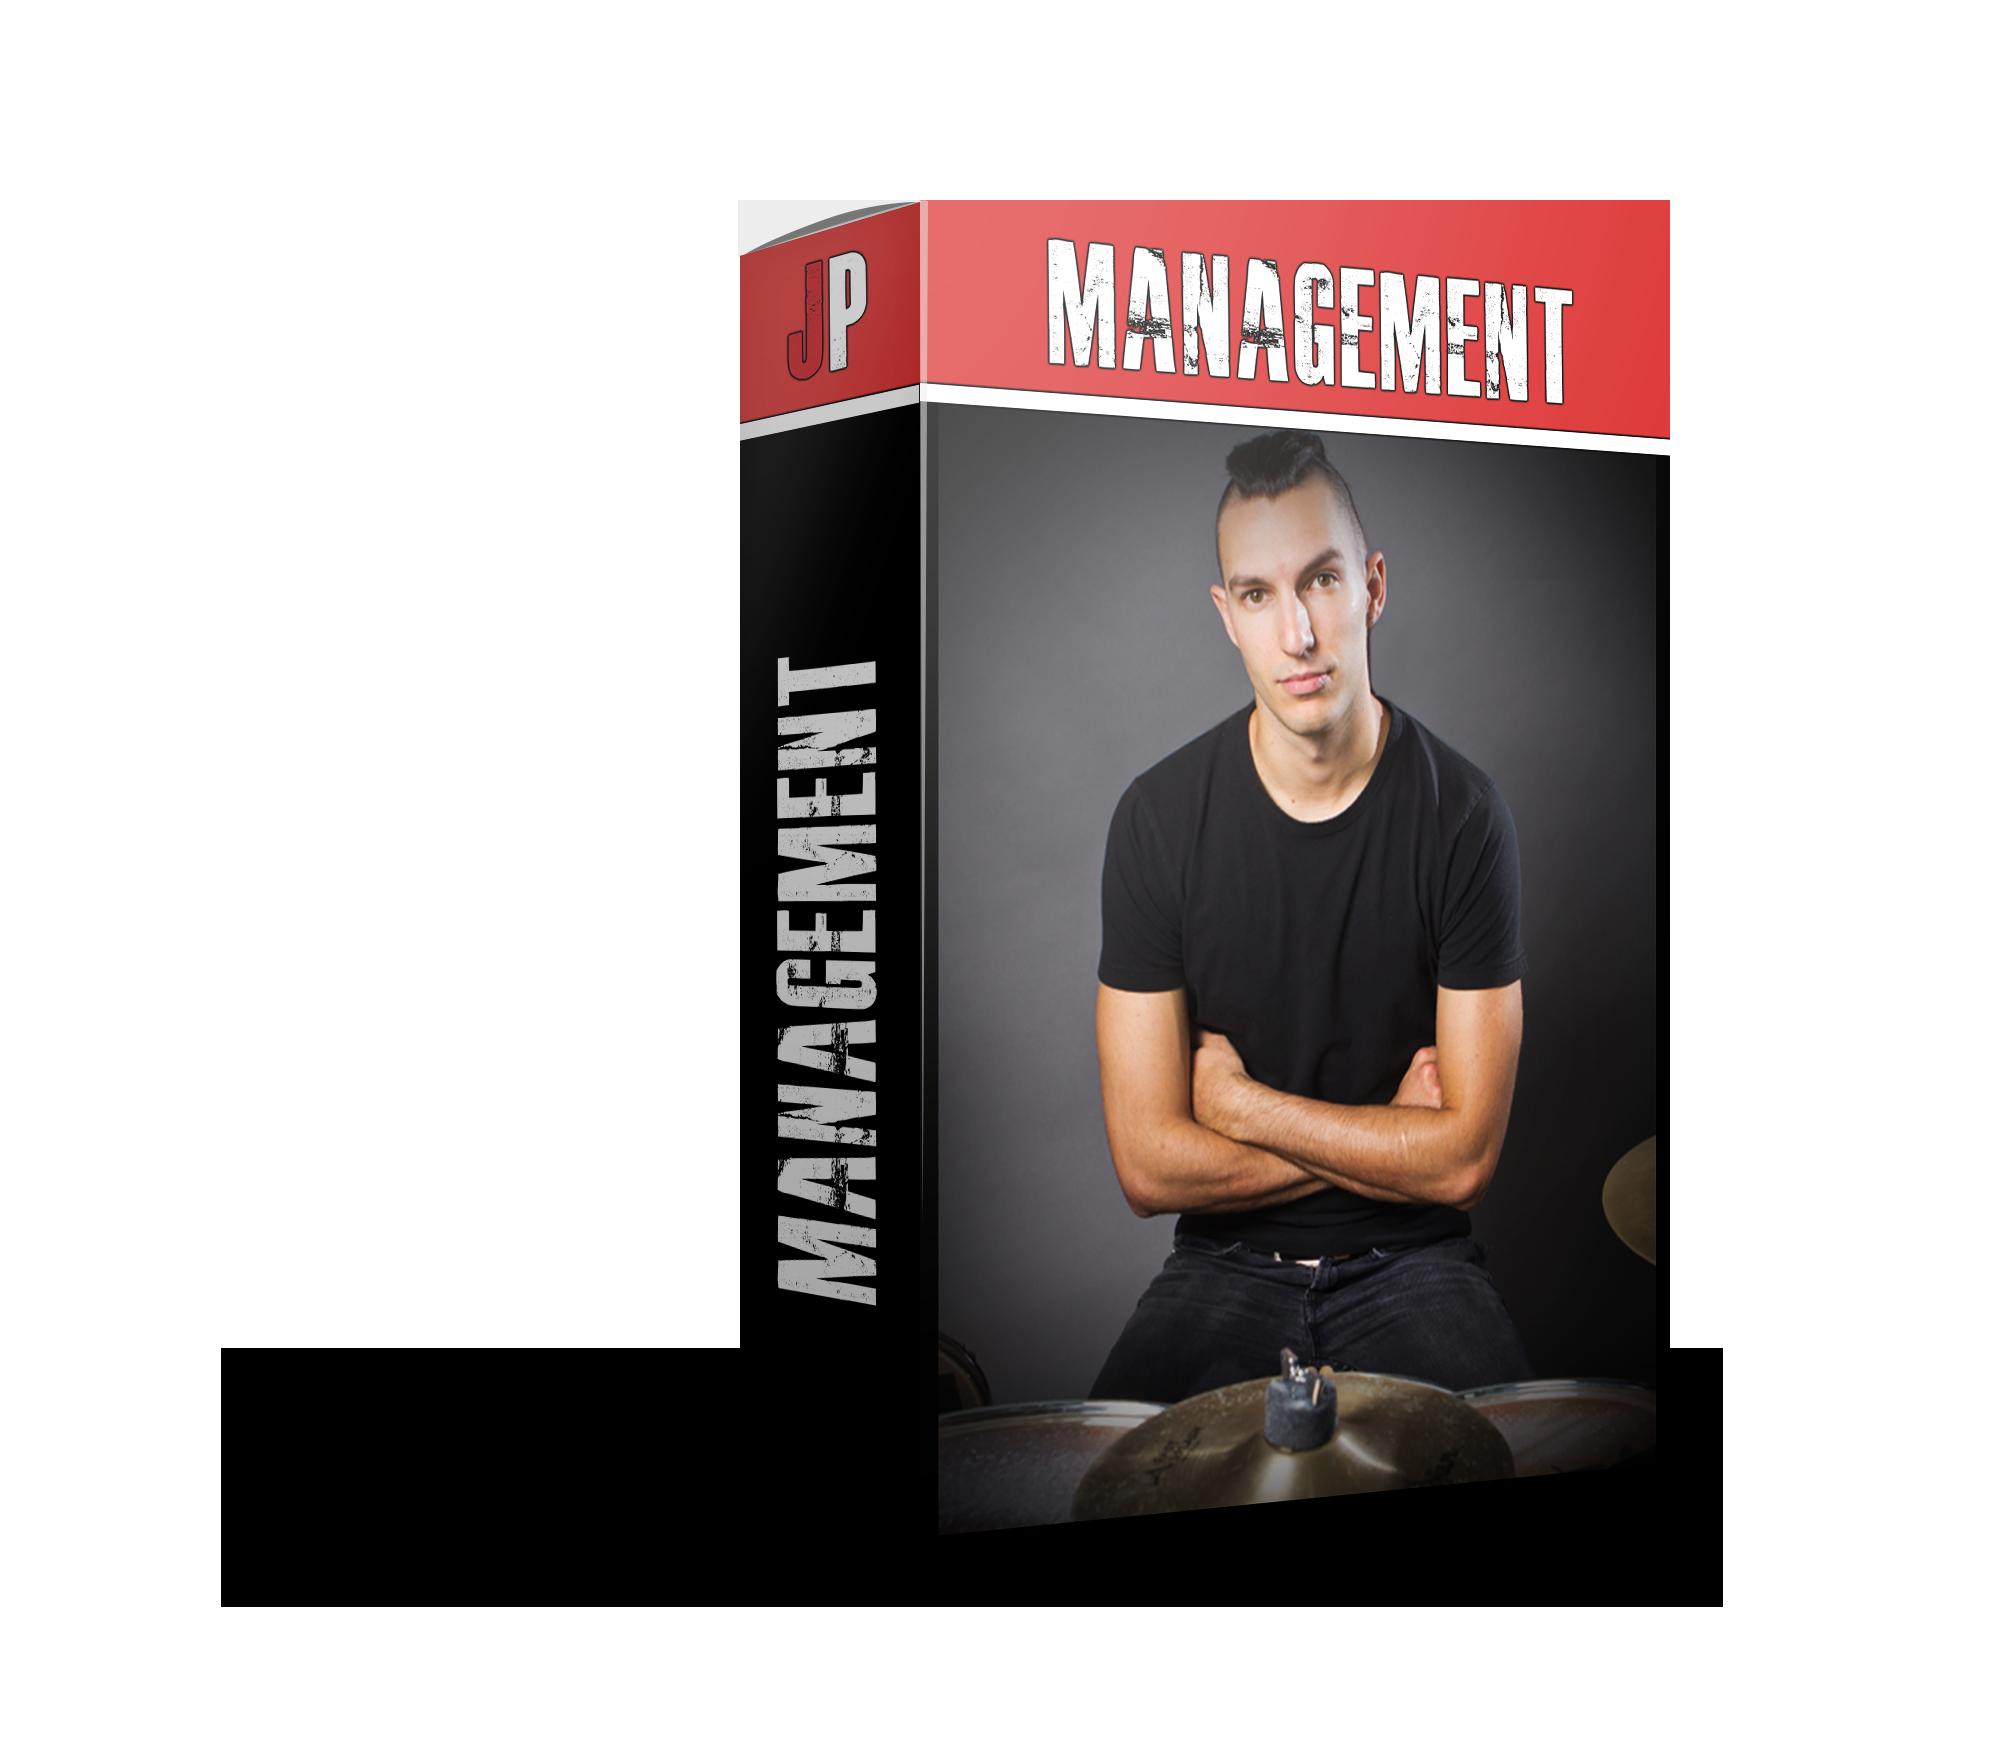 Management course image